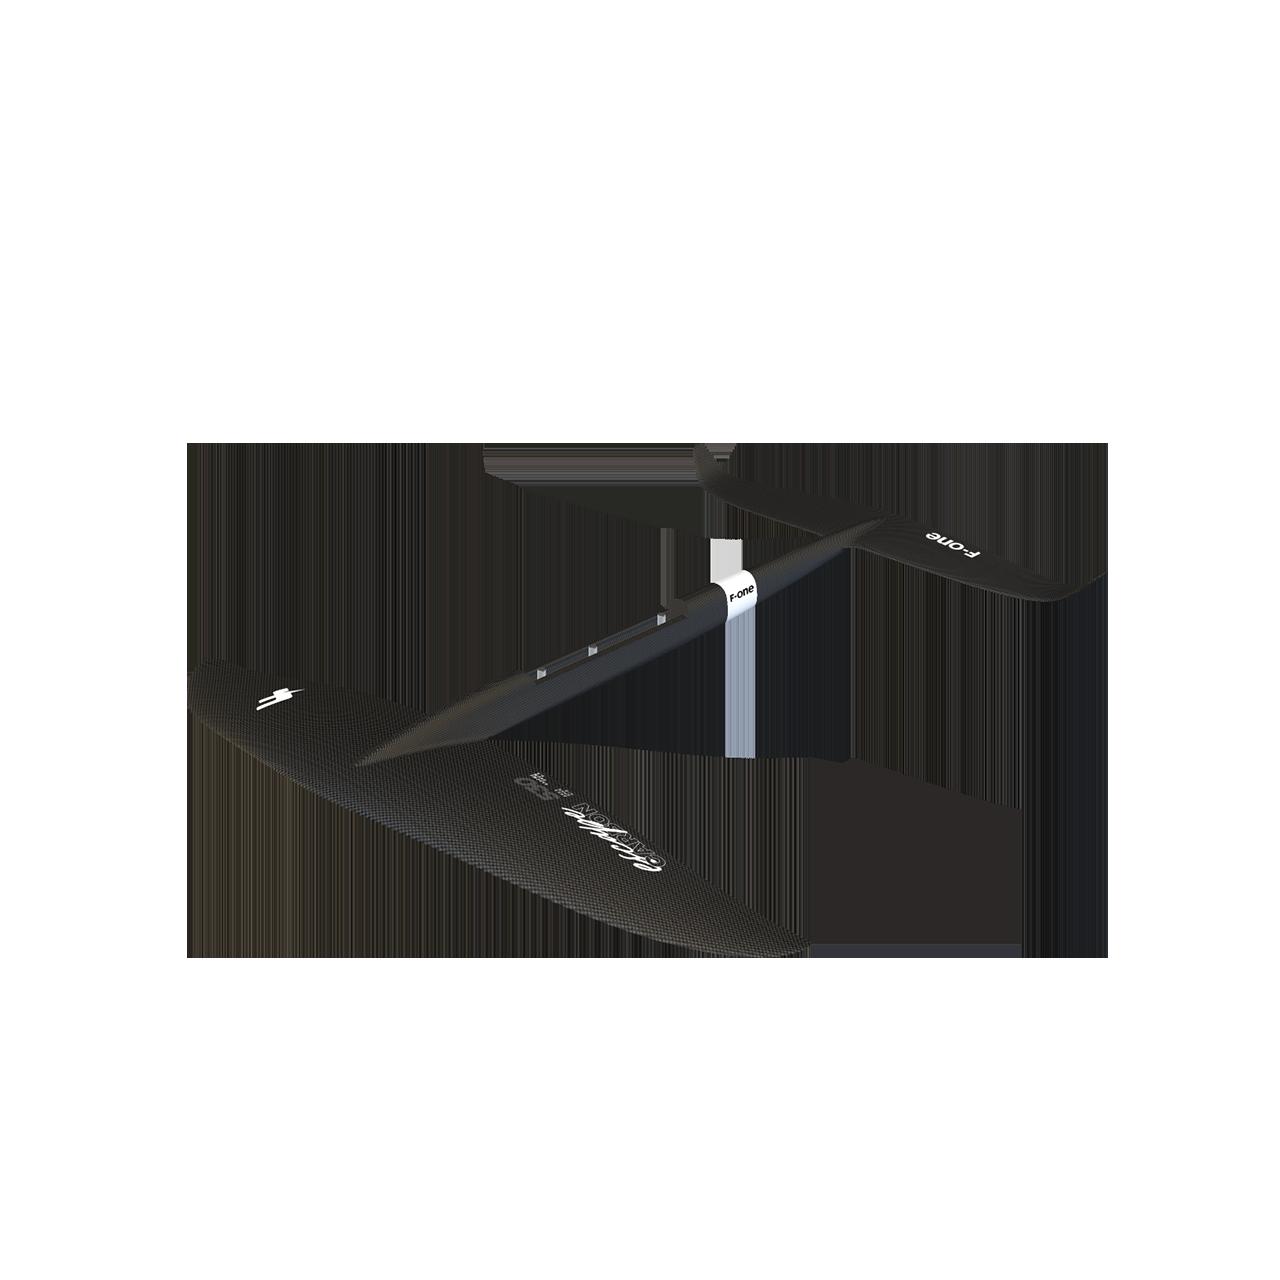 Гоночное крыло площадью 530 для гидрофойла F-One foil